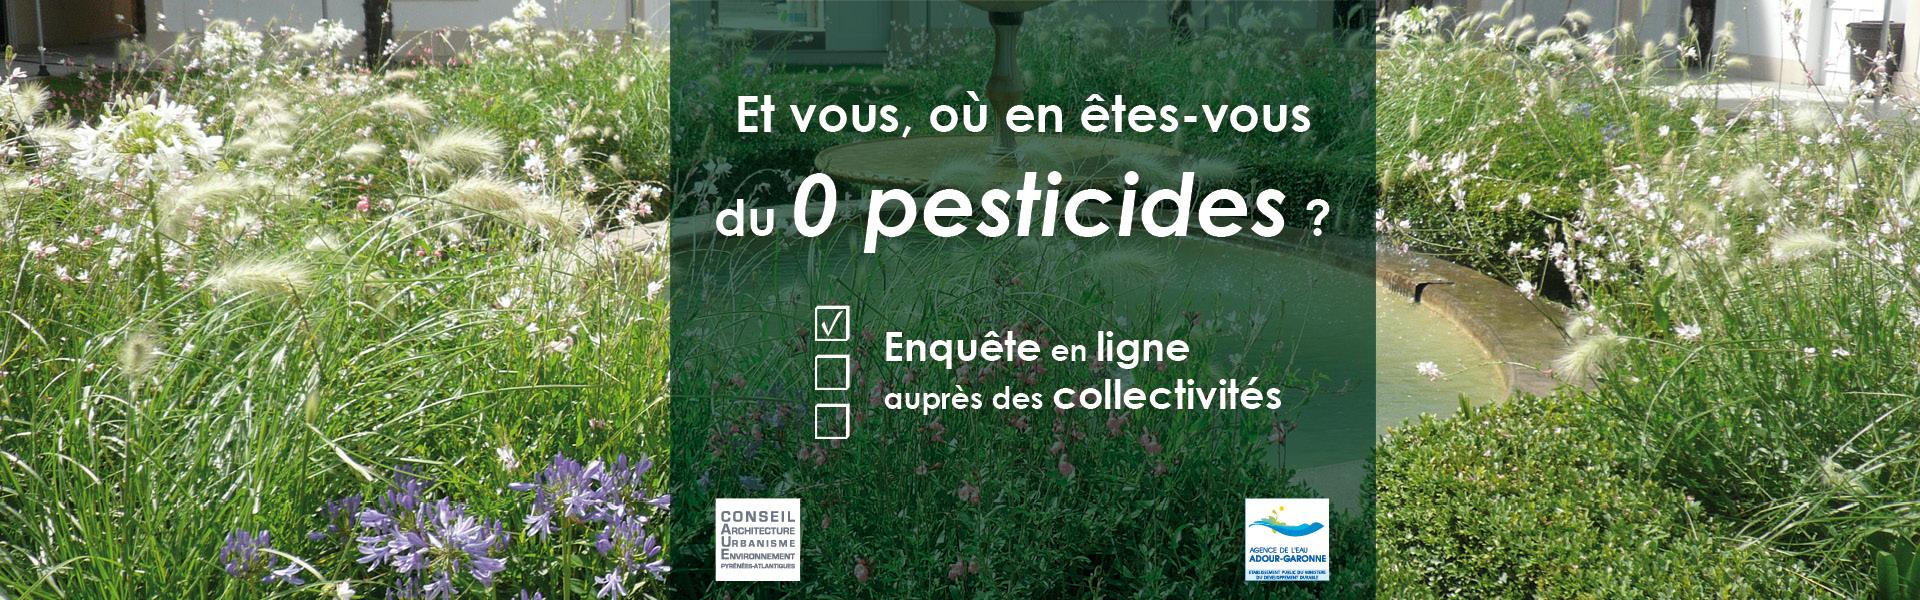 """Objectif """"Zéro pesticide » dans nos villes et villages !"""